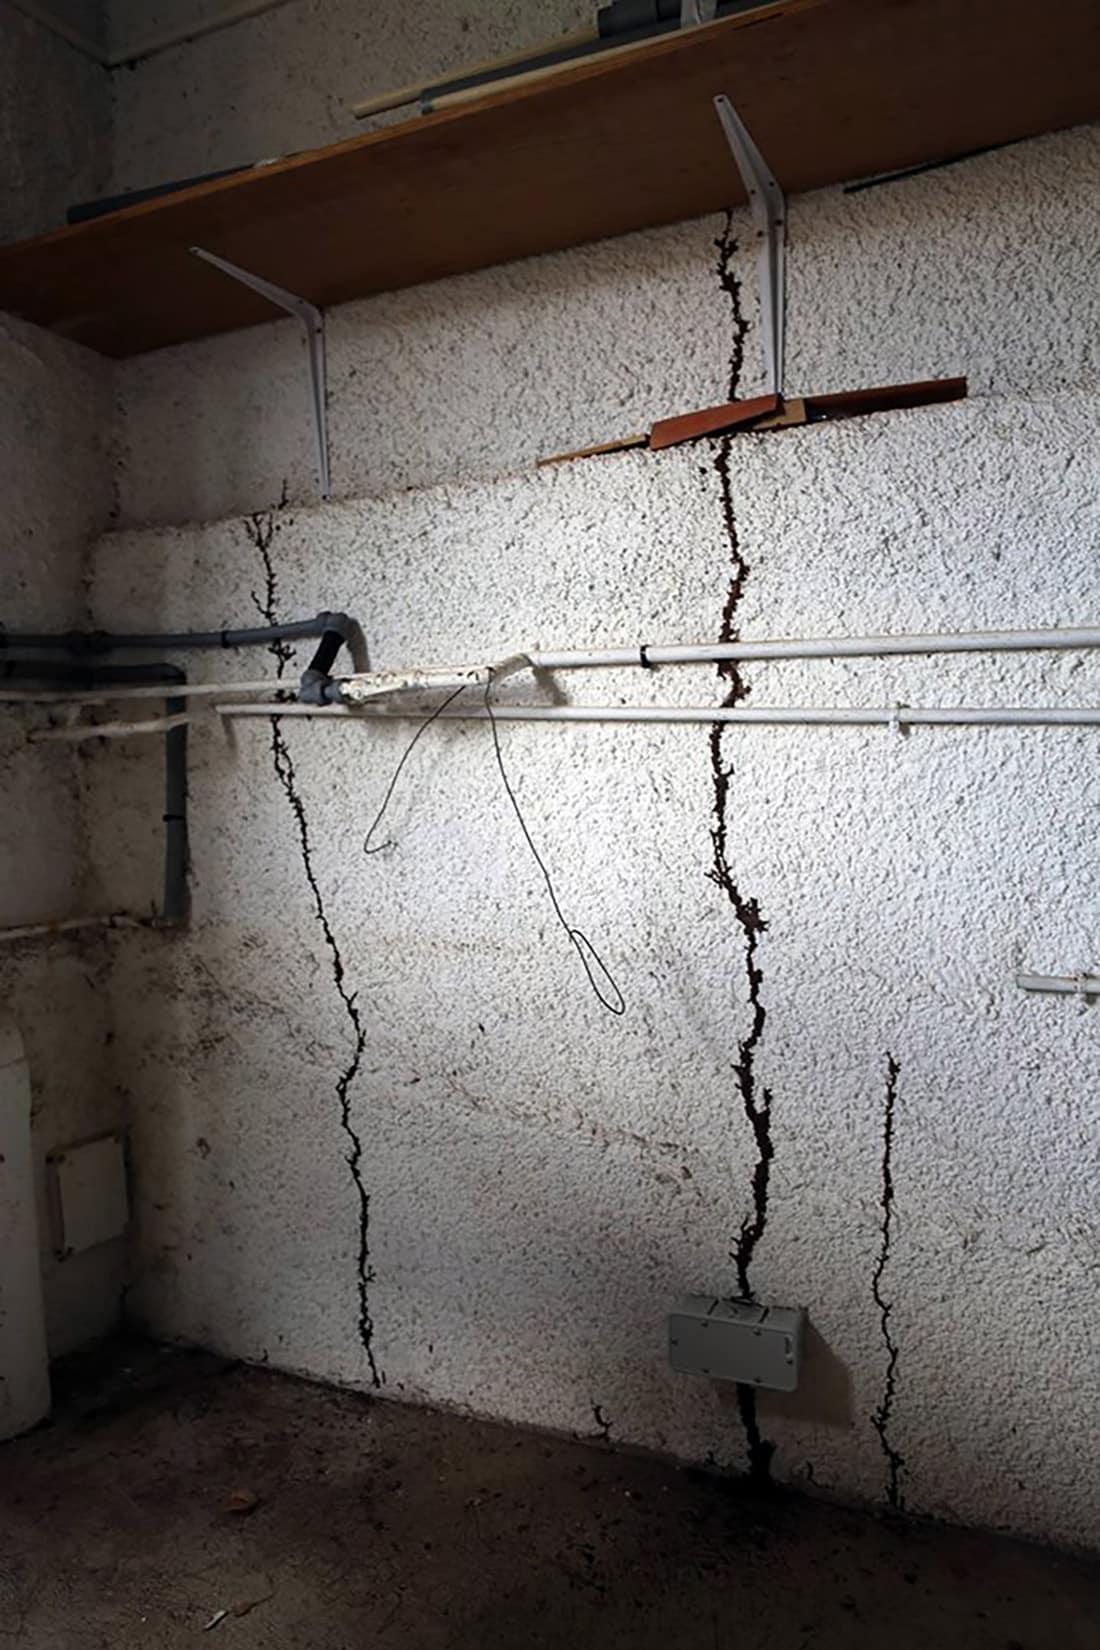 Por lo general este tipo de tubos de barro a través de los cuales se desplazan suelen estar en el interior de las paredes, fuera del alcance de nuestra vista.